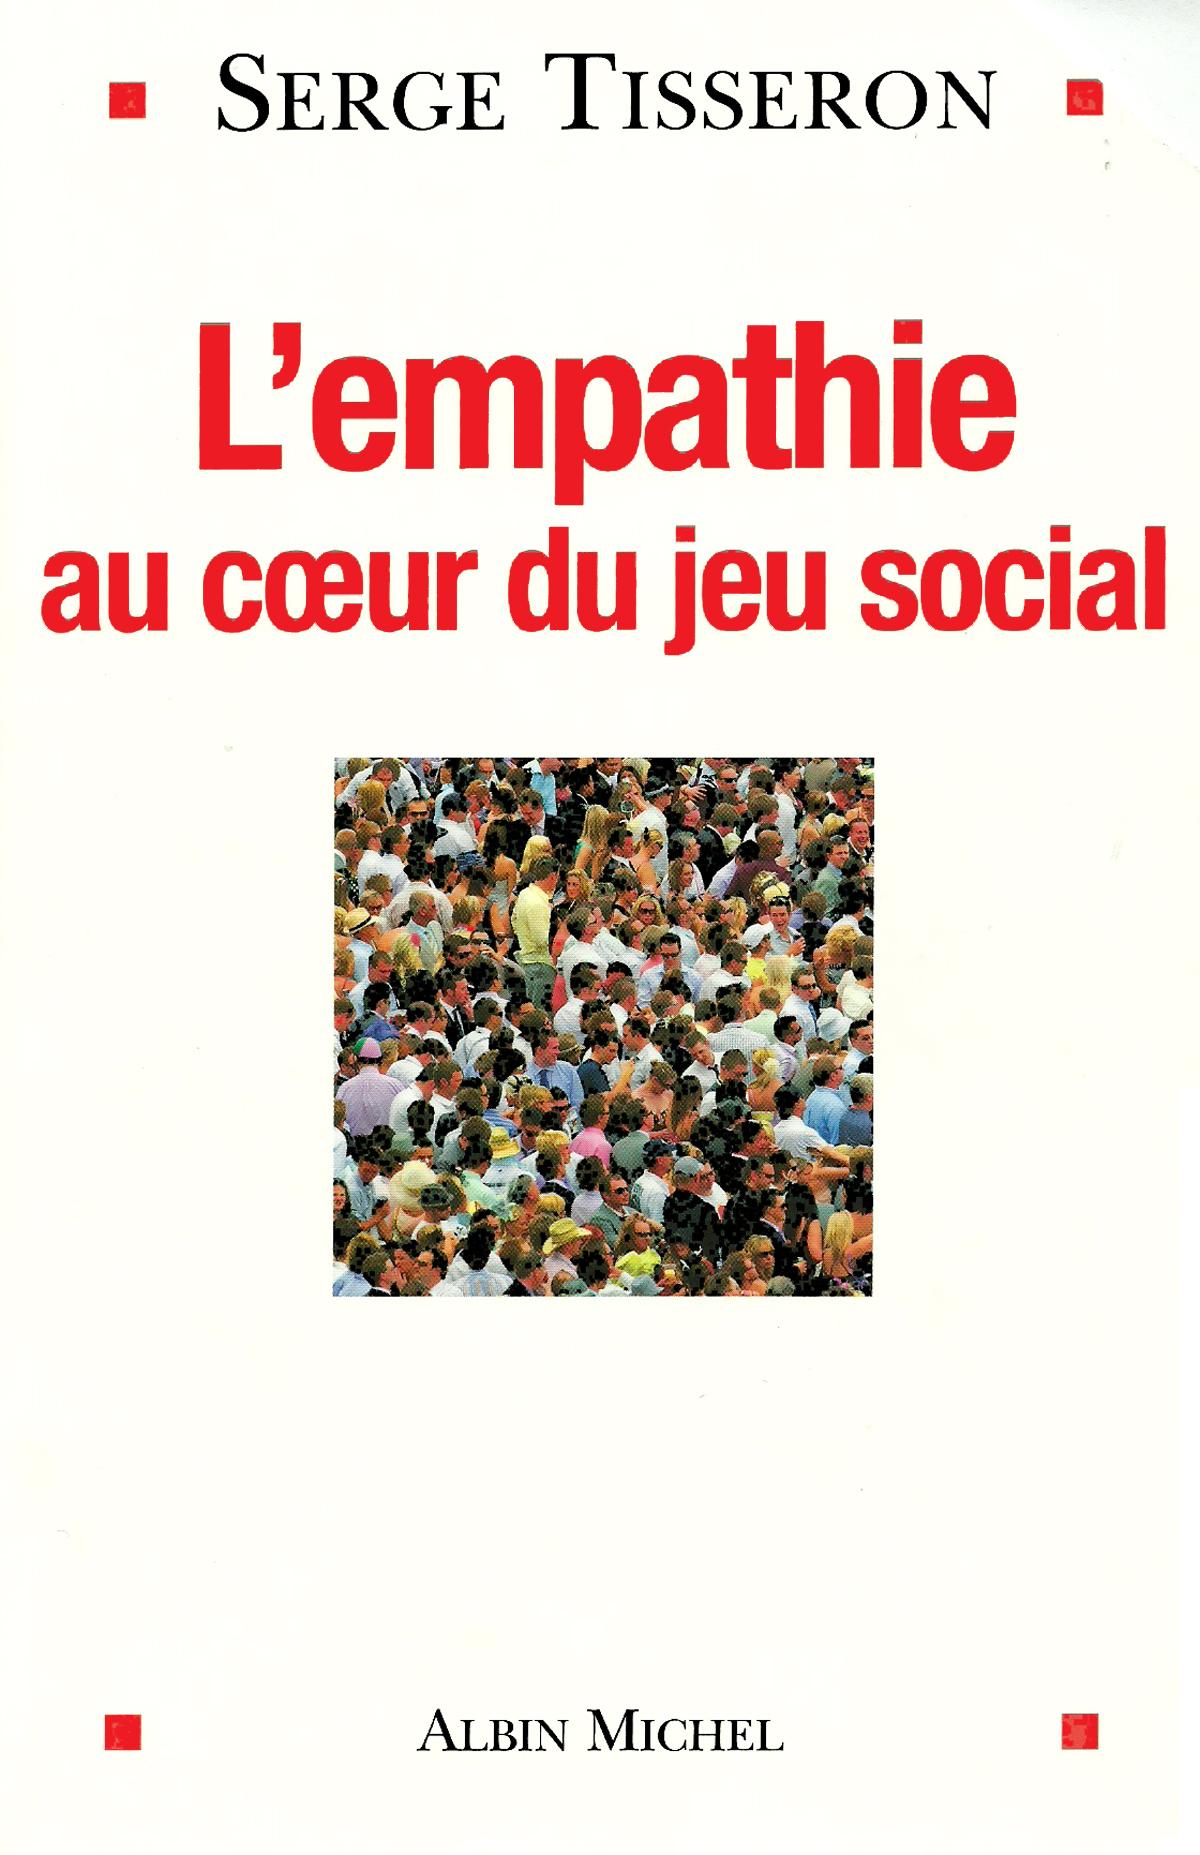 L'empathie au cœur du jeu social